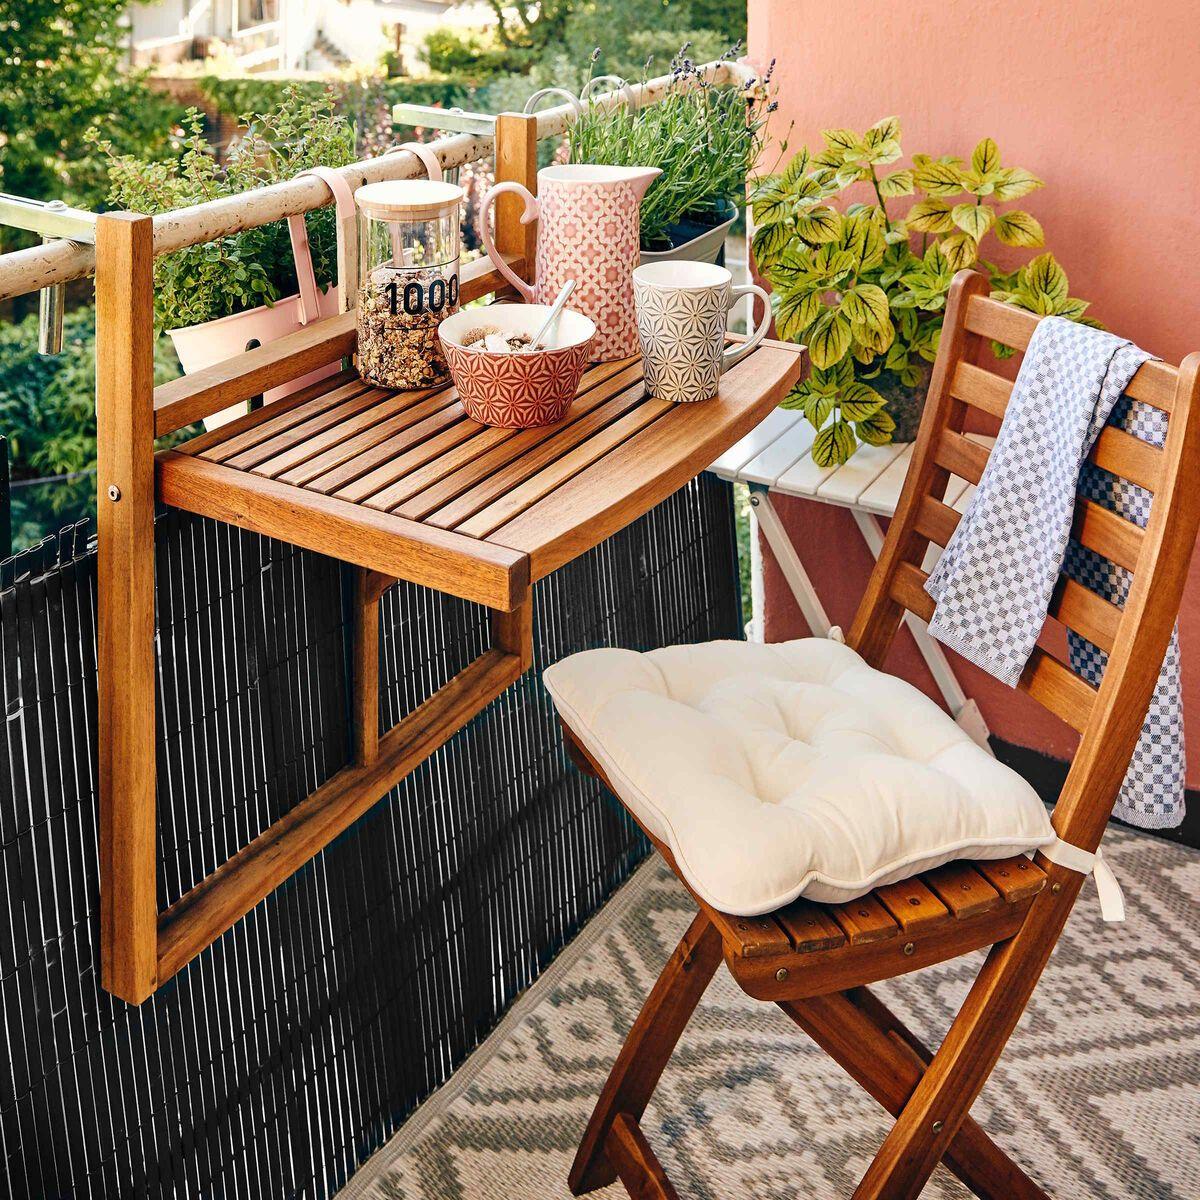 Lodge Balkon Klapptisch In 2020 Klapptisch Klapptisch Holz Und